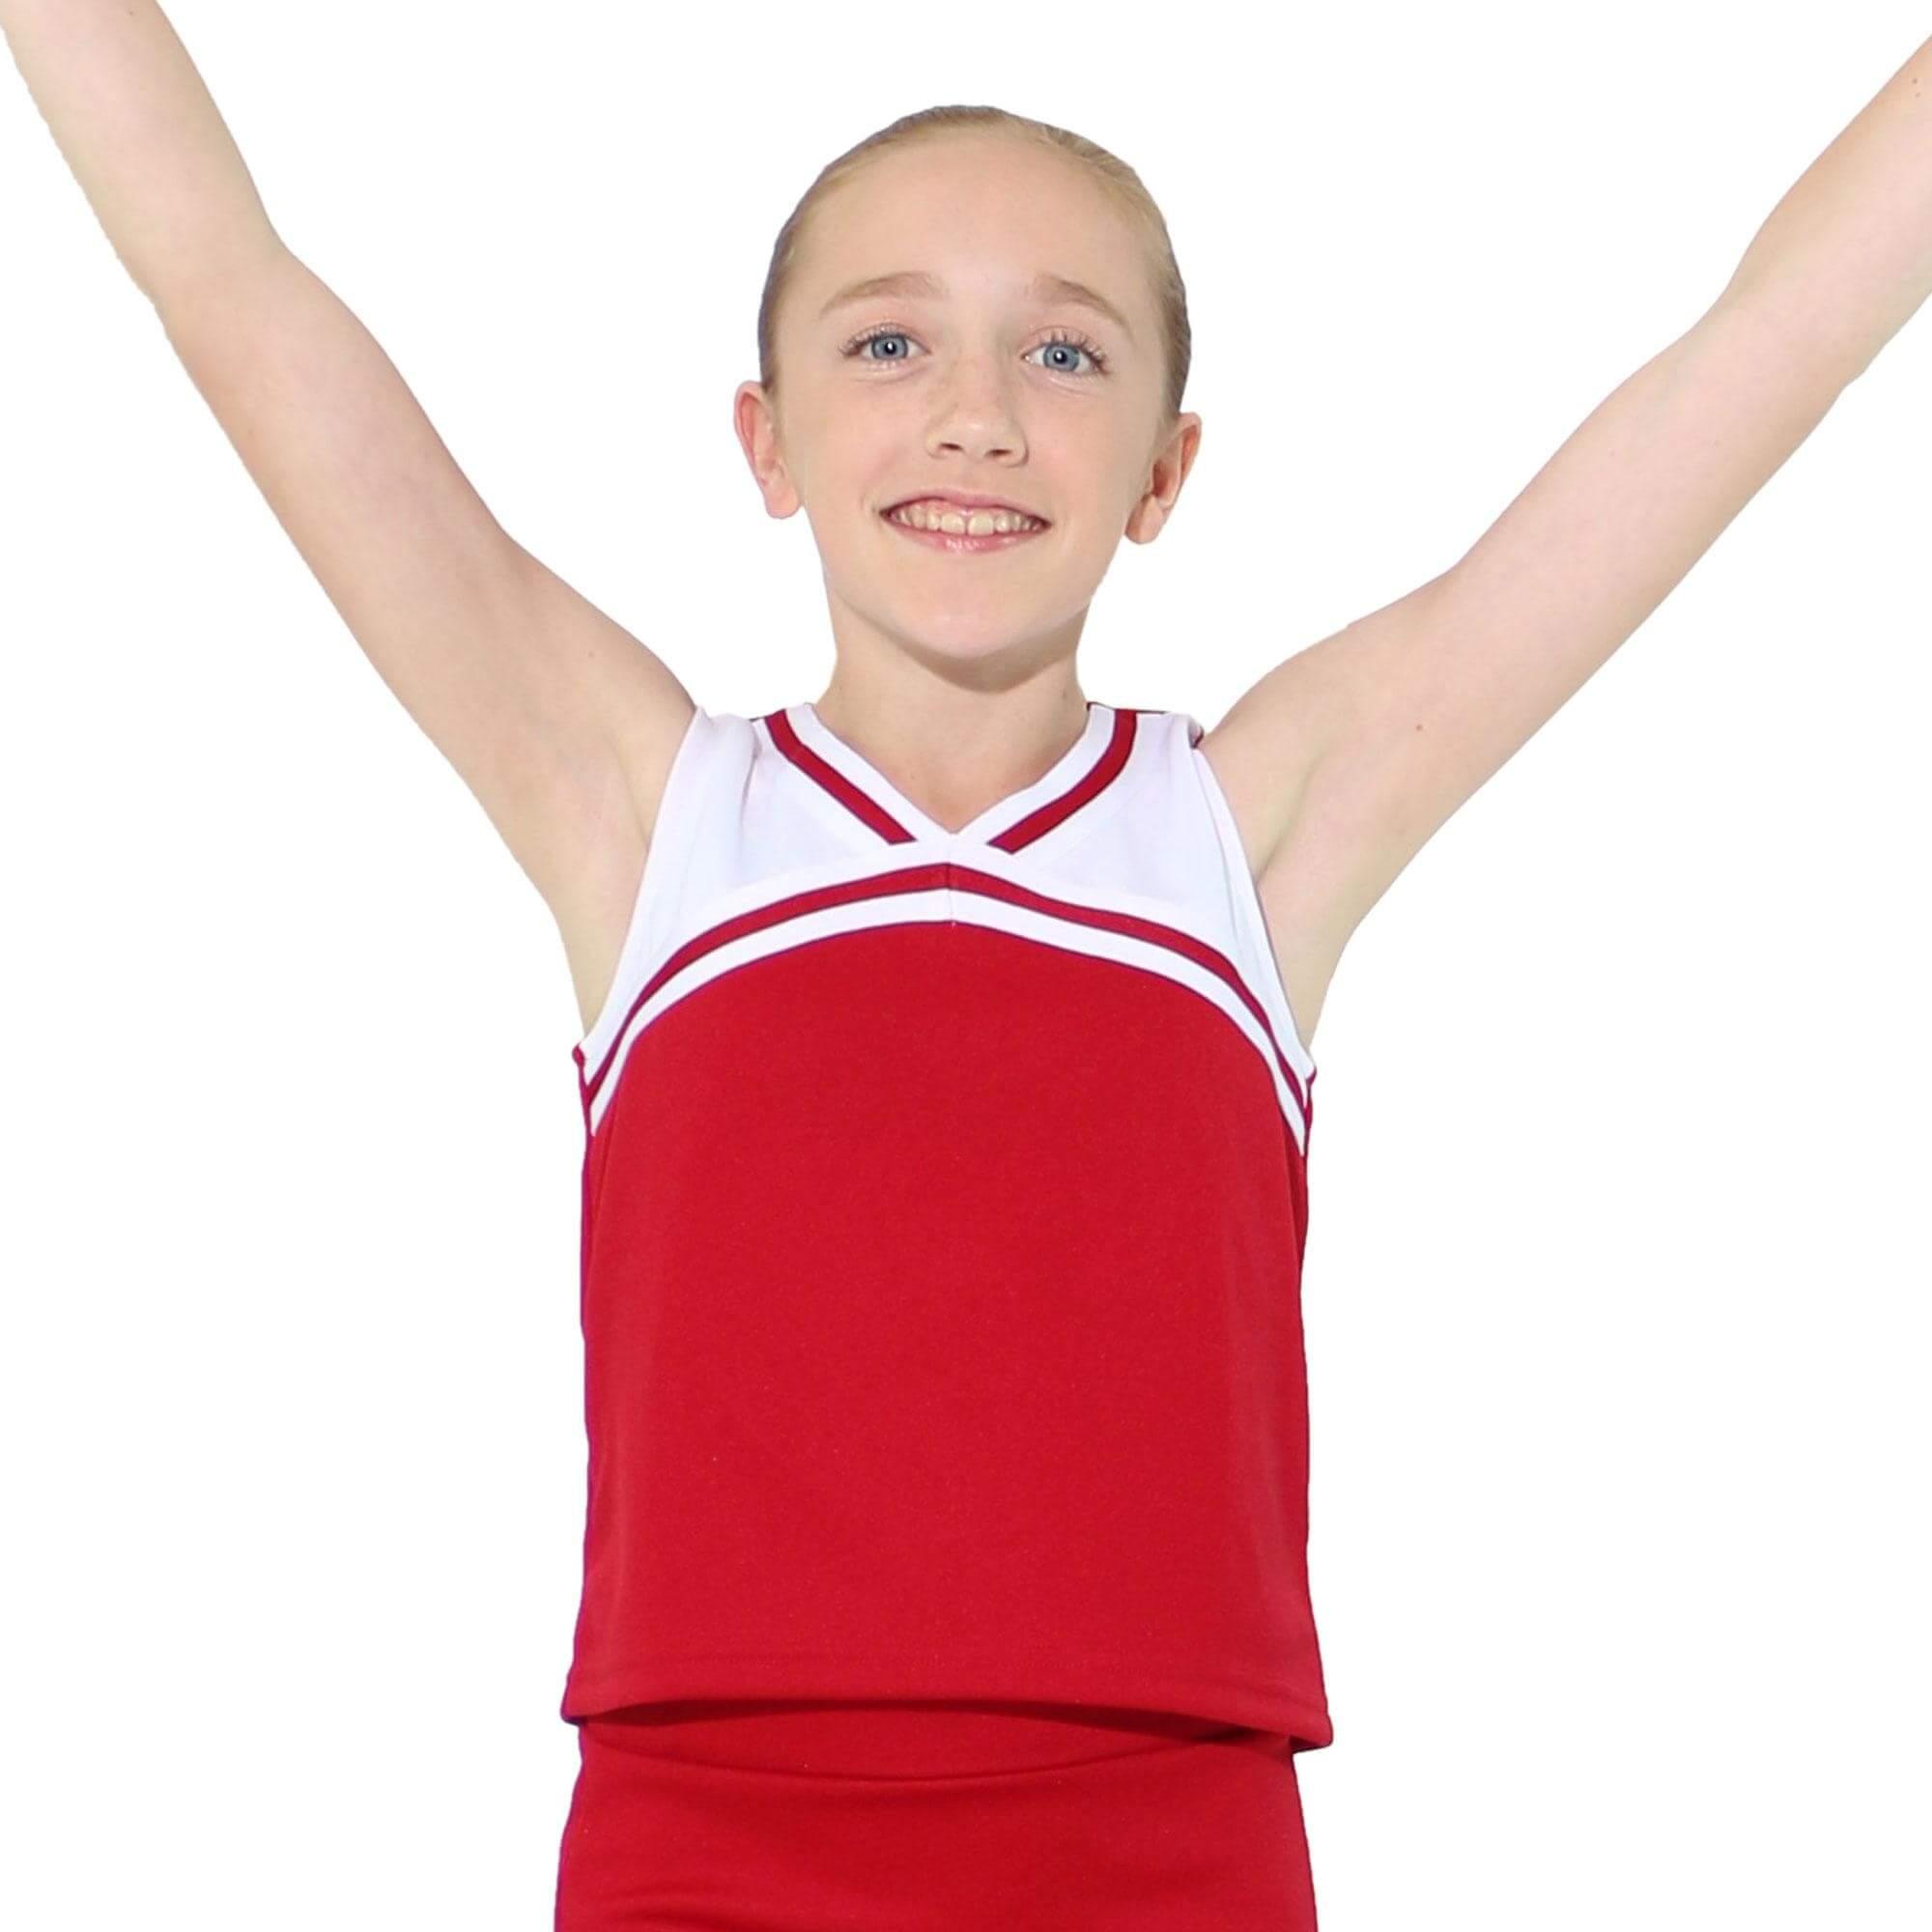 9266b4b70 Danzcue Child Knit Pleat Cheerleading Skirt. $17.99. Danzcue Child Classic Cheerleaders  Uniform Shell Top